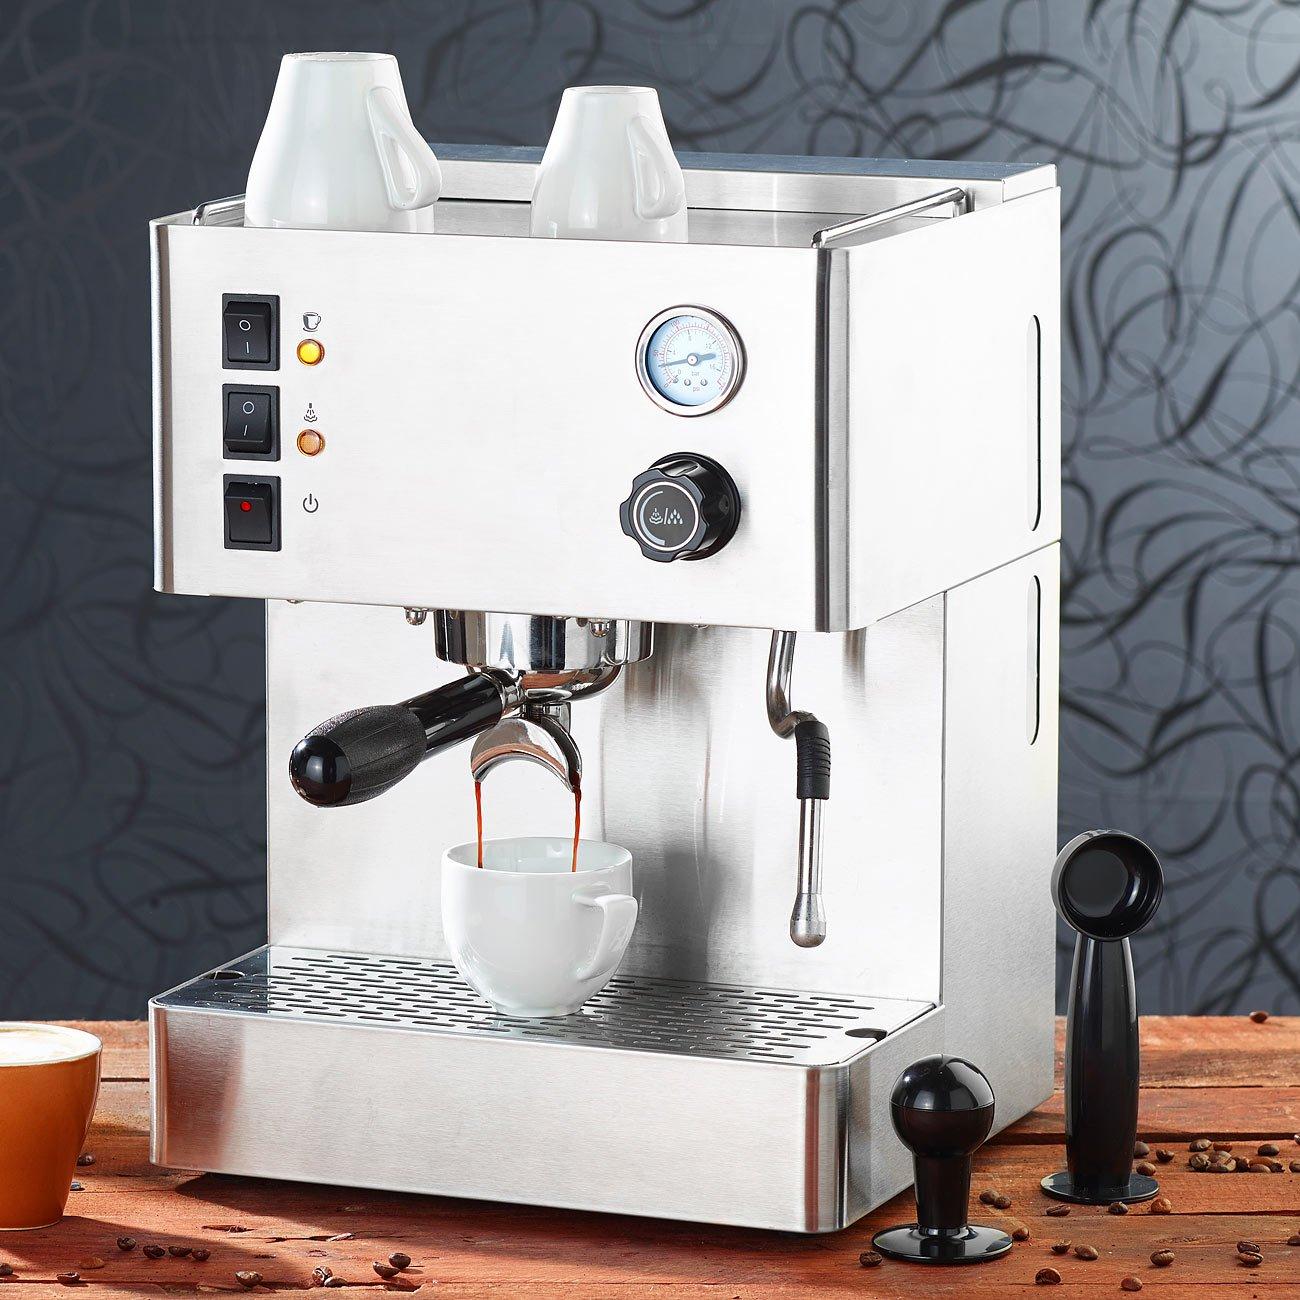 Cucina di Modena ES-800 - Cafetera espresso de 1500. mm con manómetro: Amazon.es: Hogar